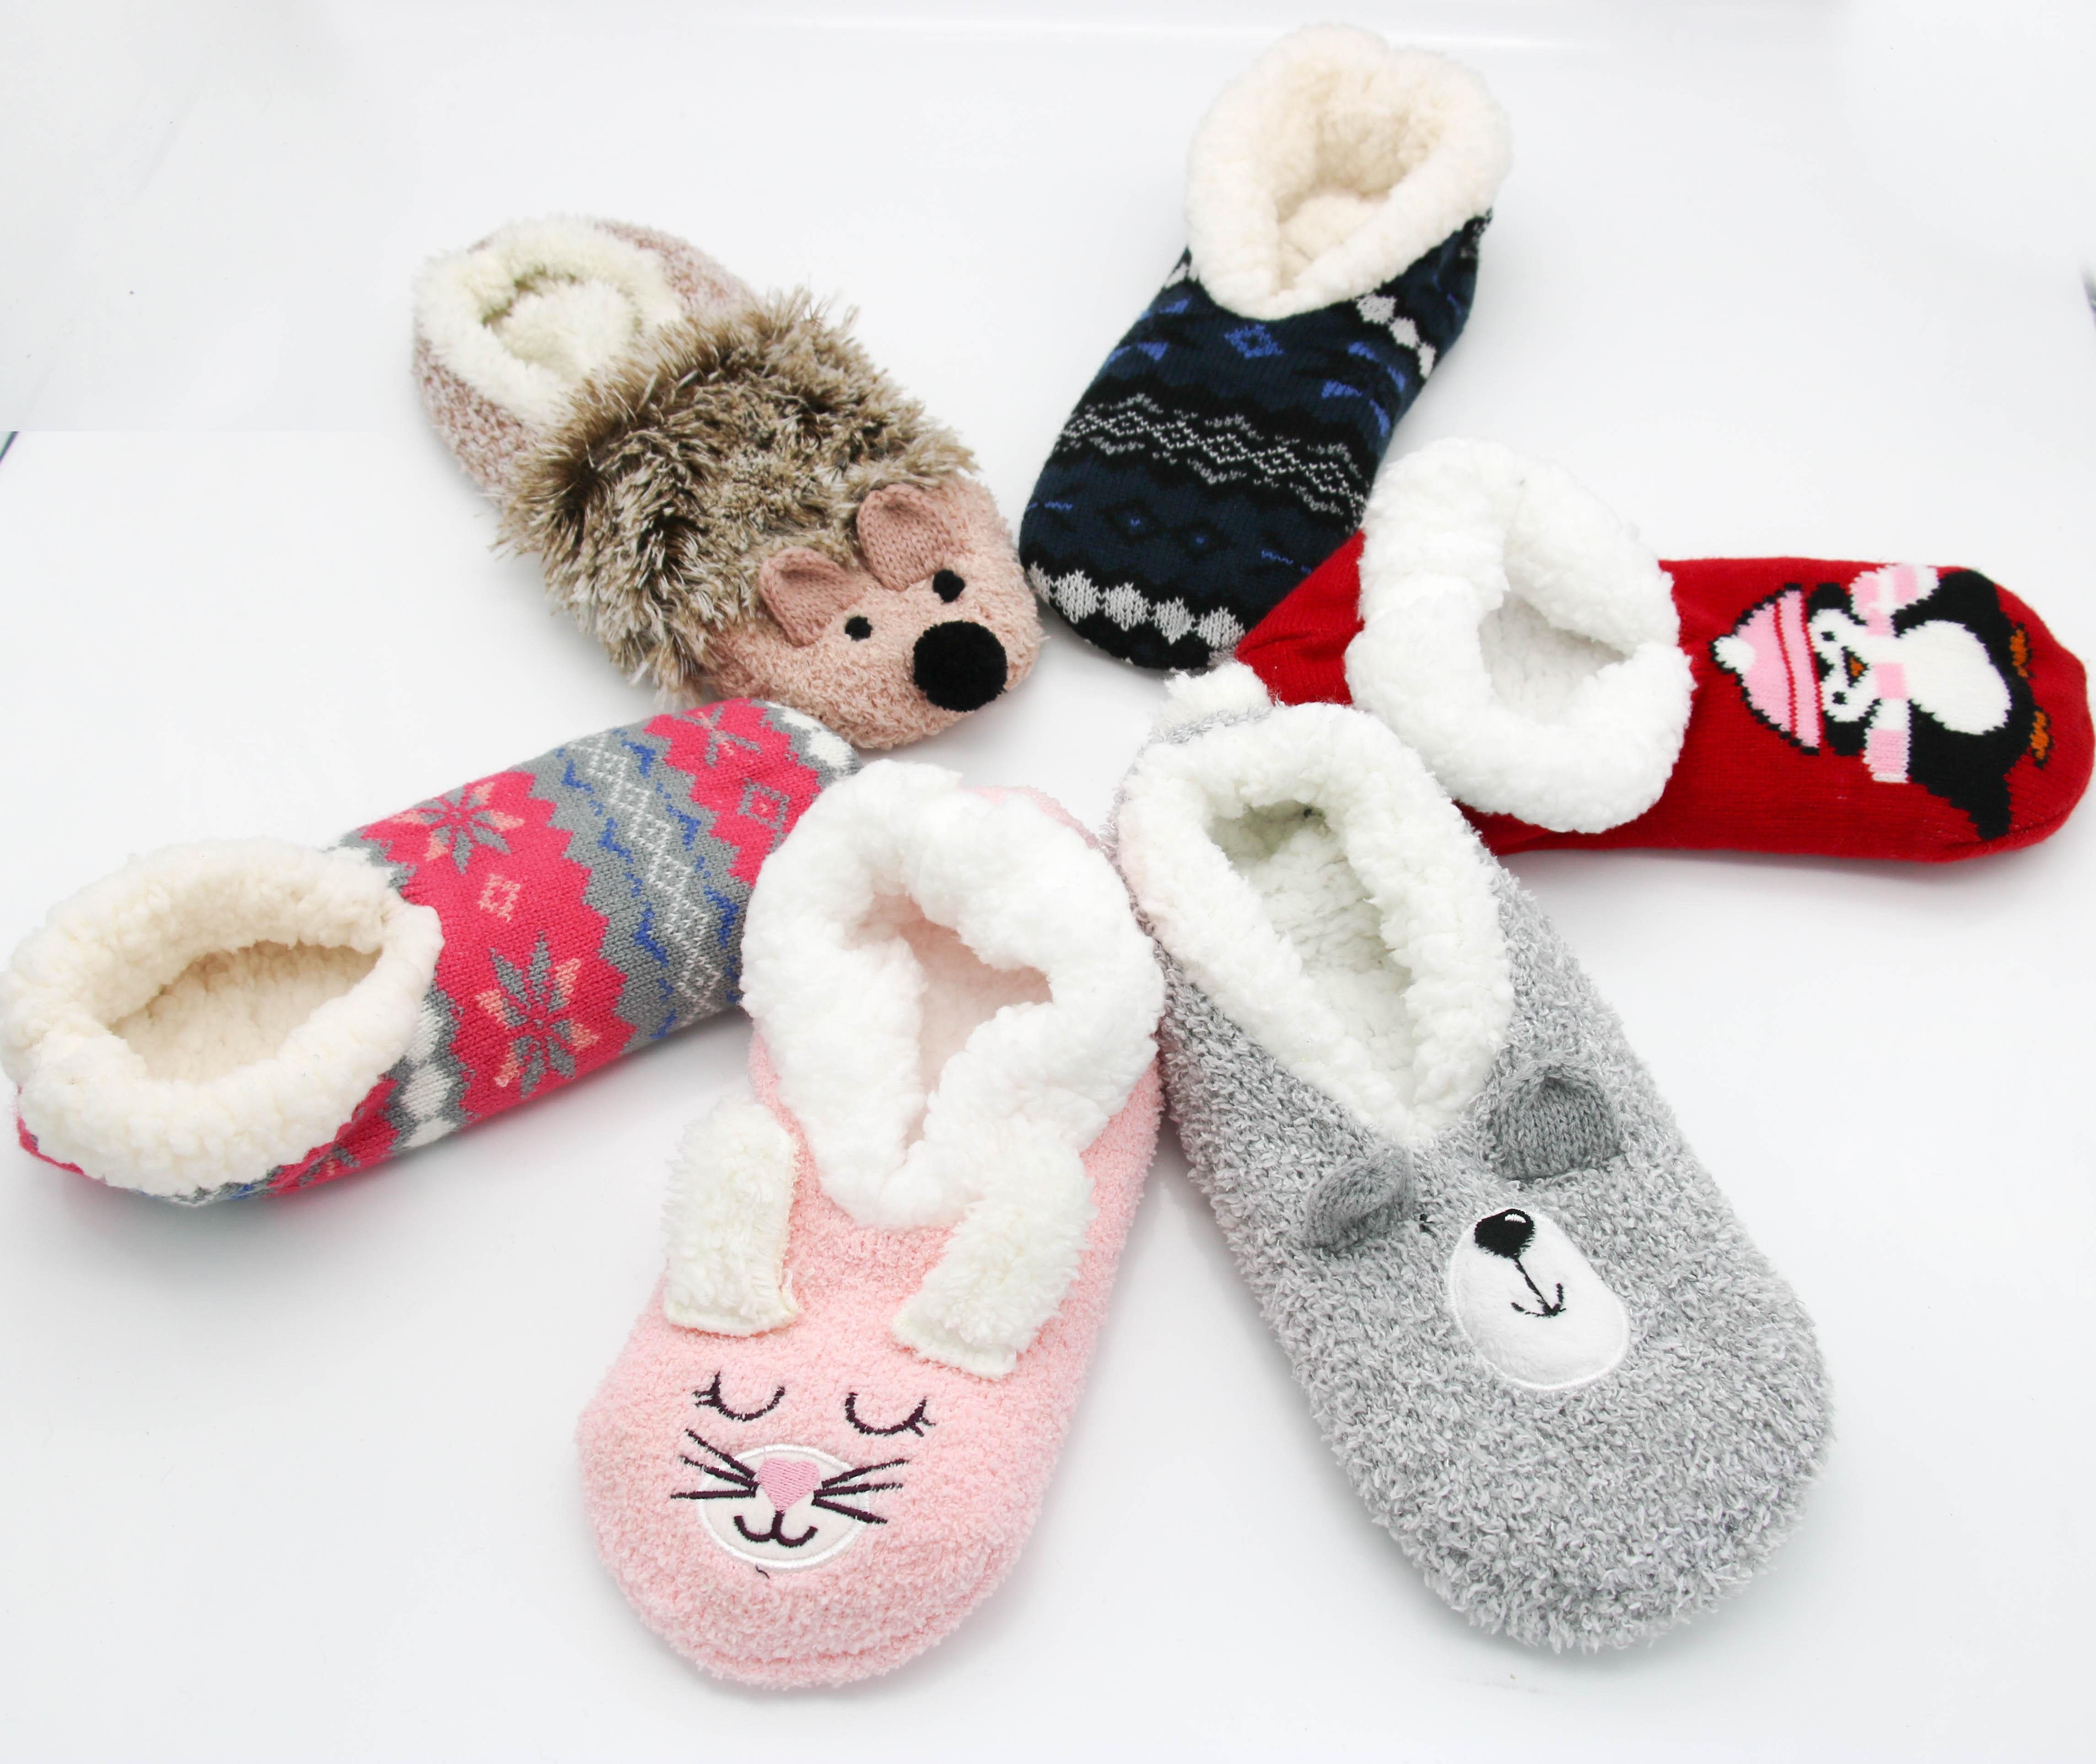 оптовая продажа вязаные тапочки и носки купить лучшие вязаные